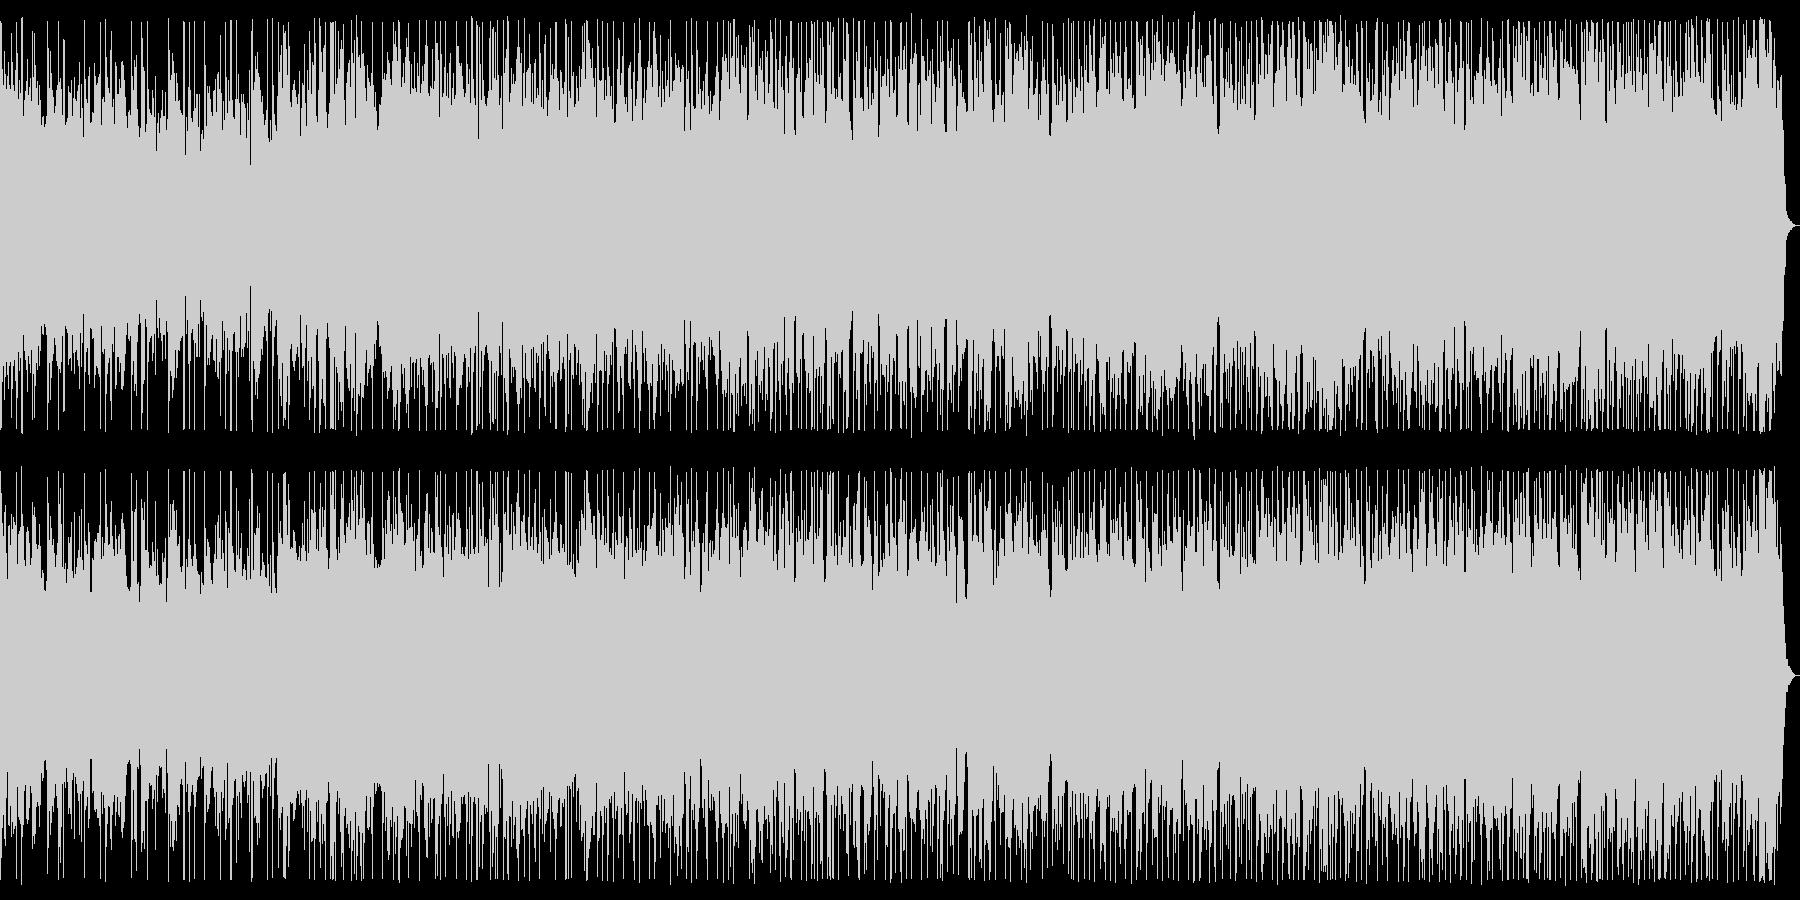 魔の領域 ダークなメタル戦闘曲 背景曲の未再生の波形